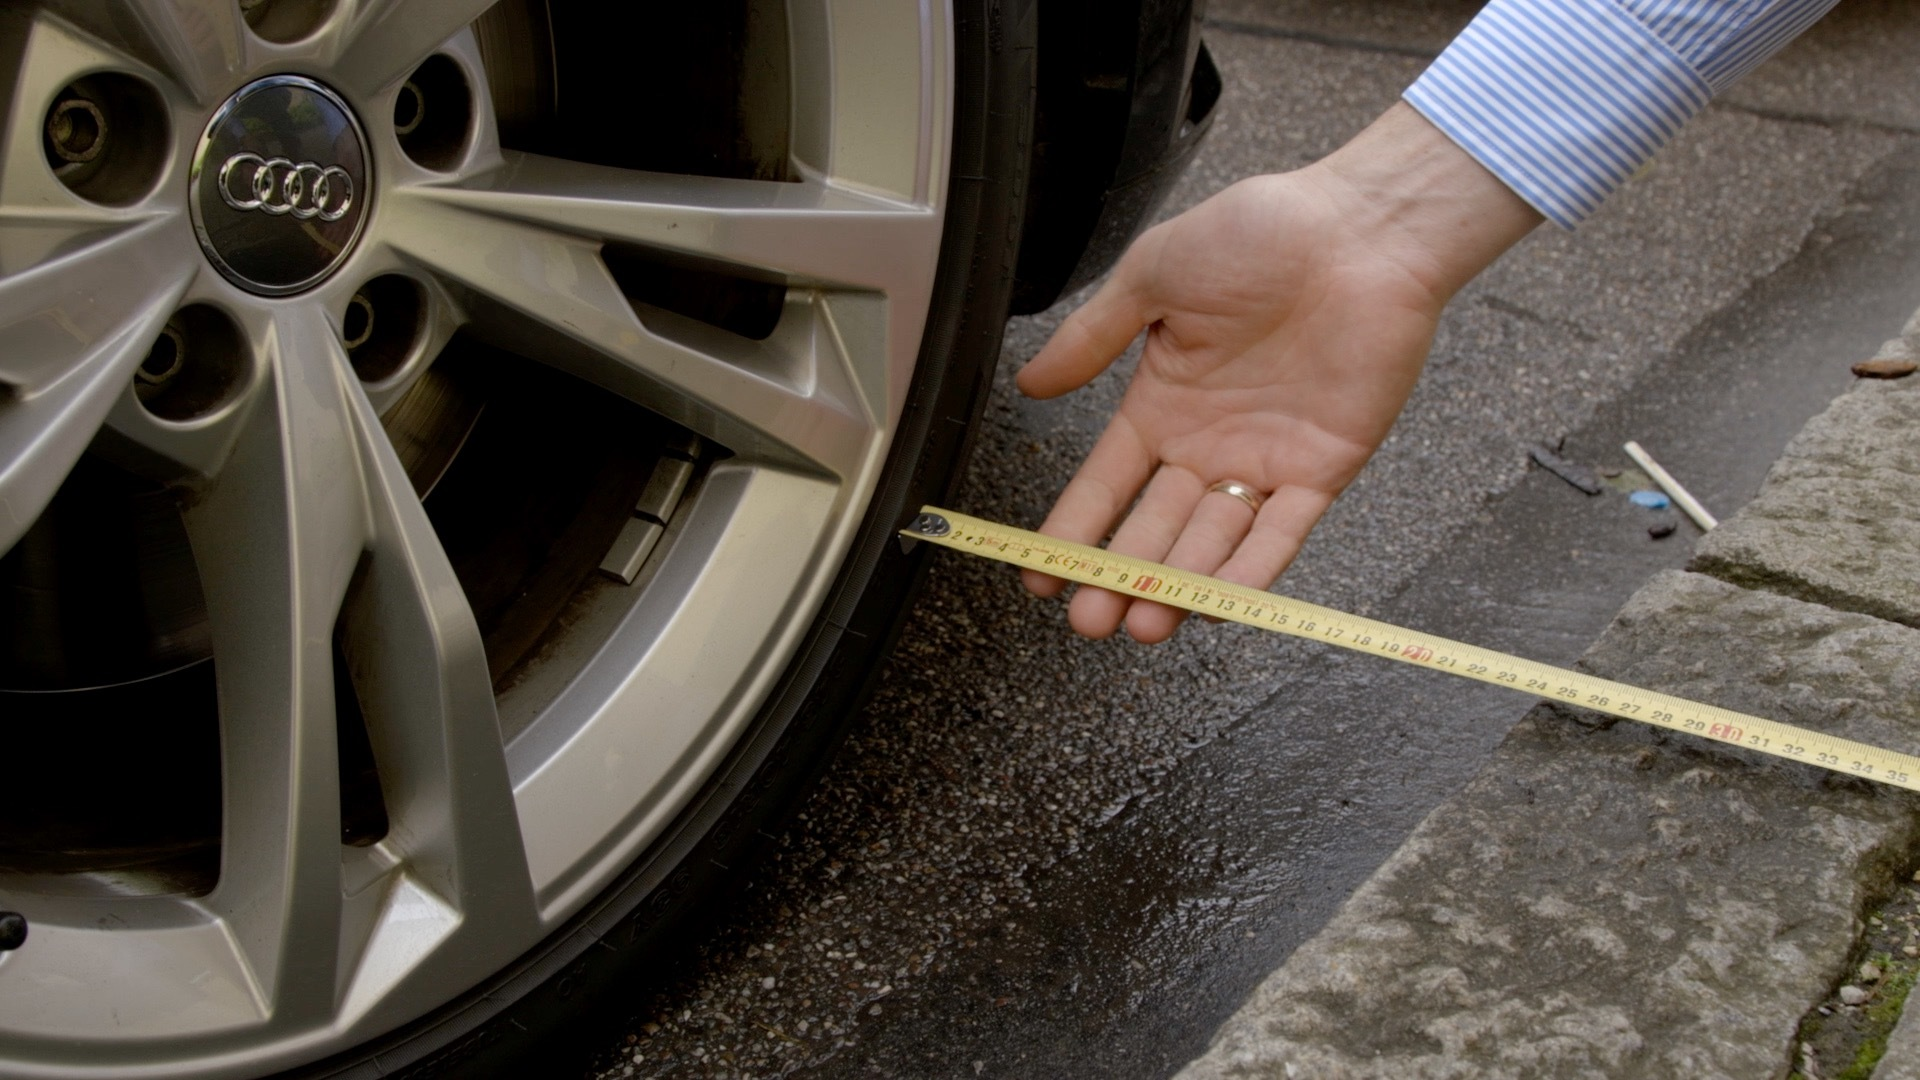 Folge 4: Die Audi Fahrerassistenzsysteme im Qualitätscheck